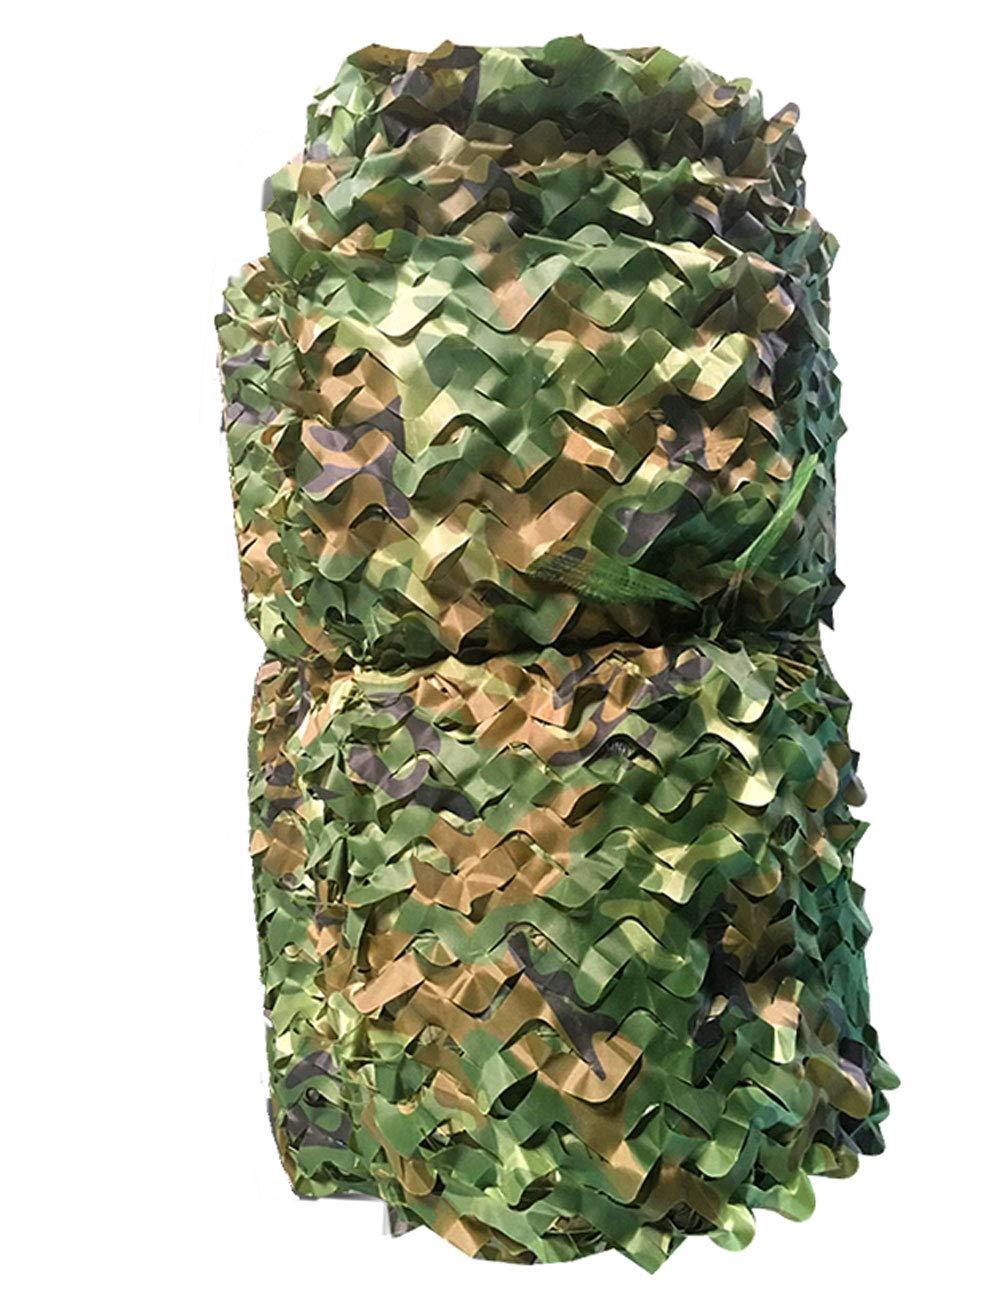 ウッドランド迷彩ネット迷彩ネットフィールド迷彩ネットキャンプ軍狩猟射撃日焼け止めネット、屋外の太陽、テーマパーティーの装飾 (サイズ さいず : 6m×8m) 6m×8m  B07ML5BP1L